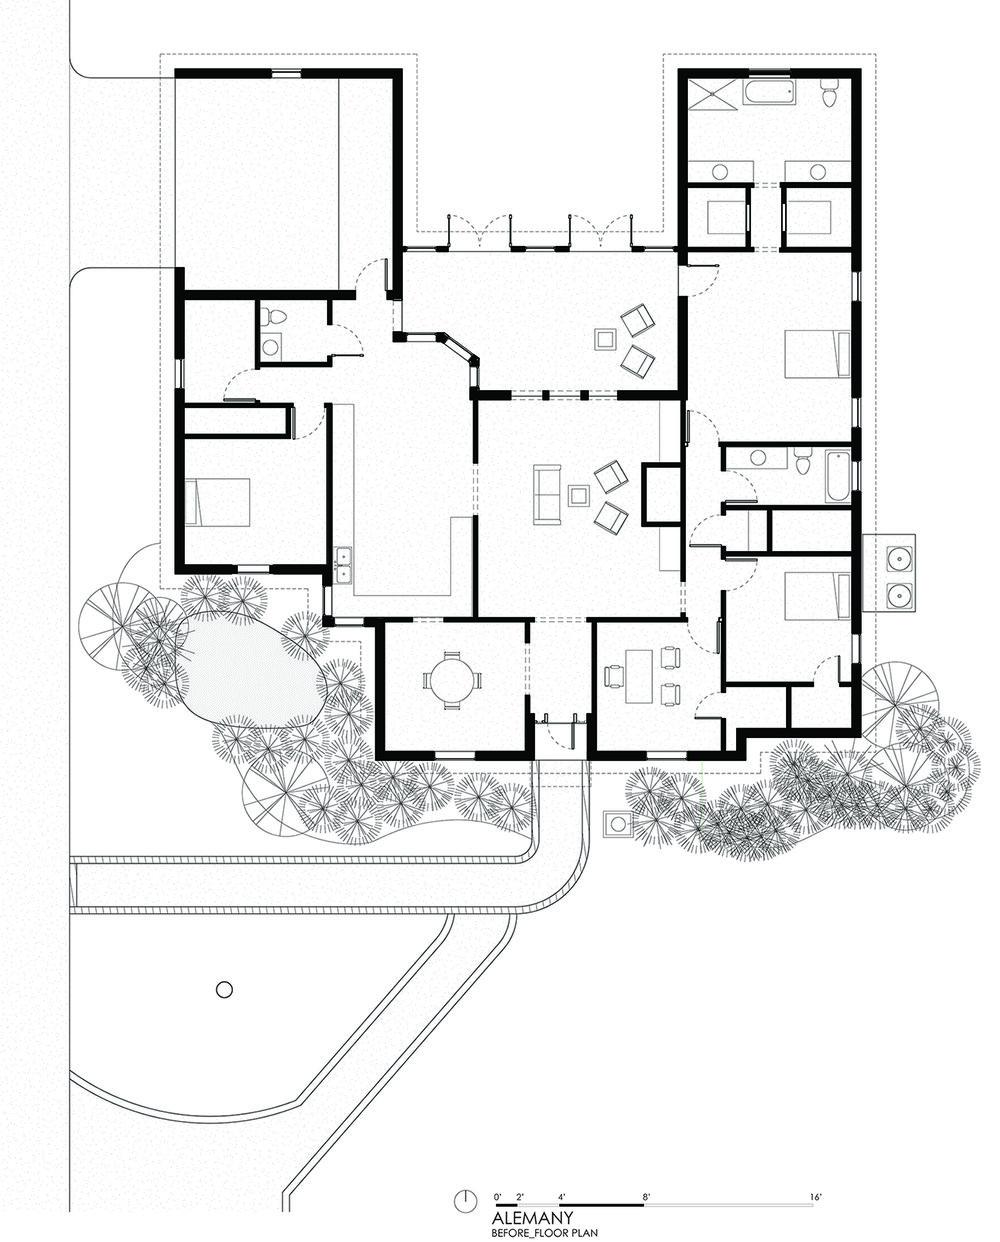 Alemany_Before Floor Plan sm.jpg